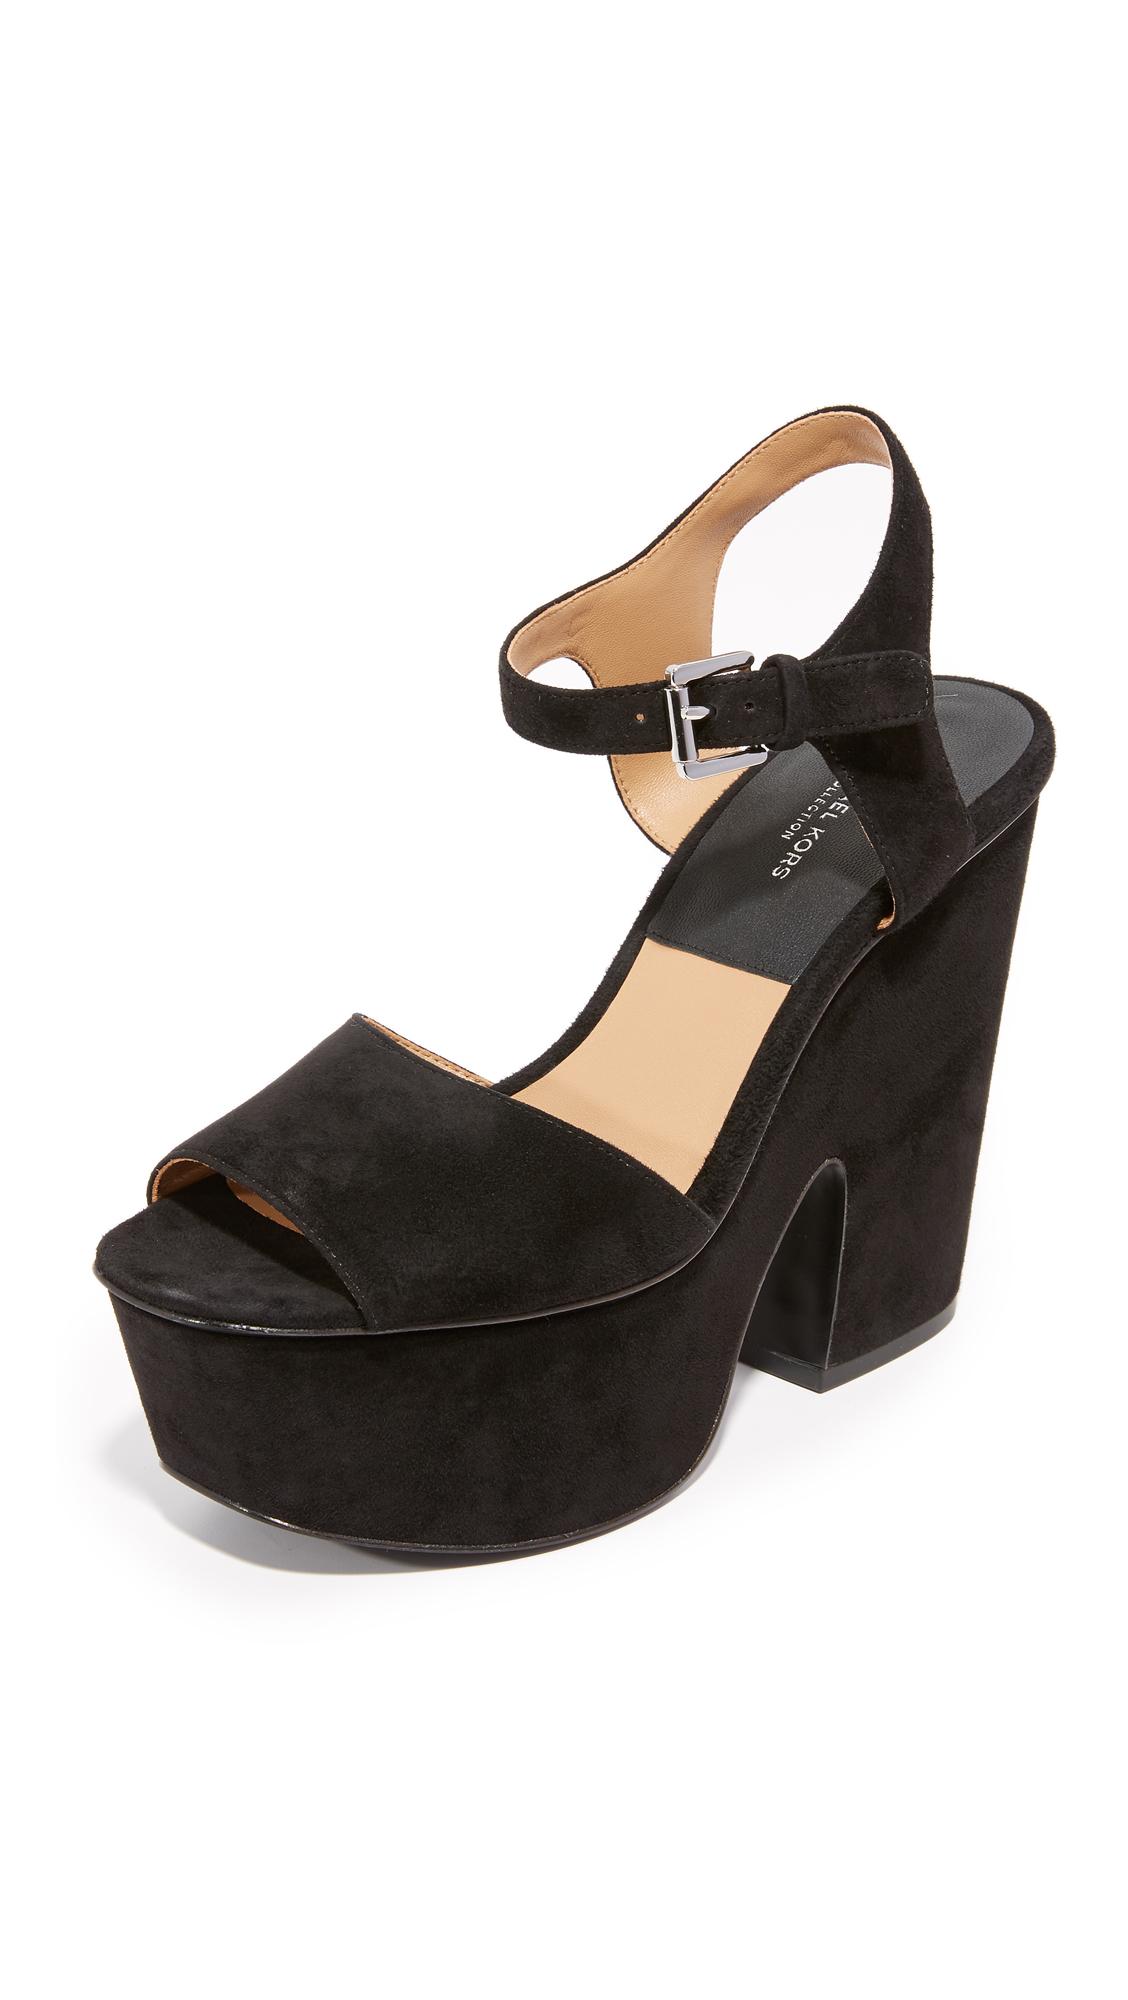 michael kors female 188971 michael kors collection harley platform sandals black